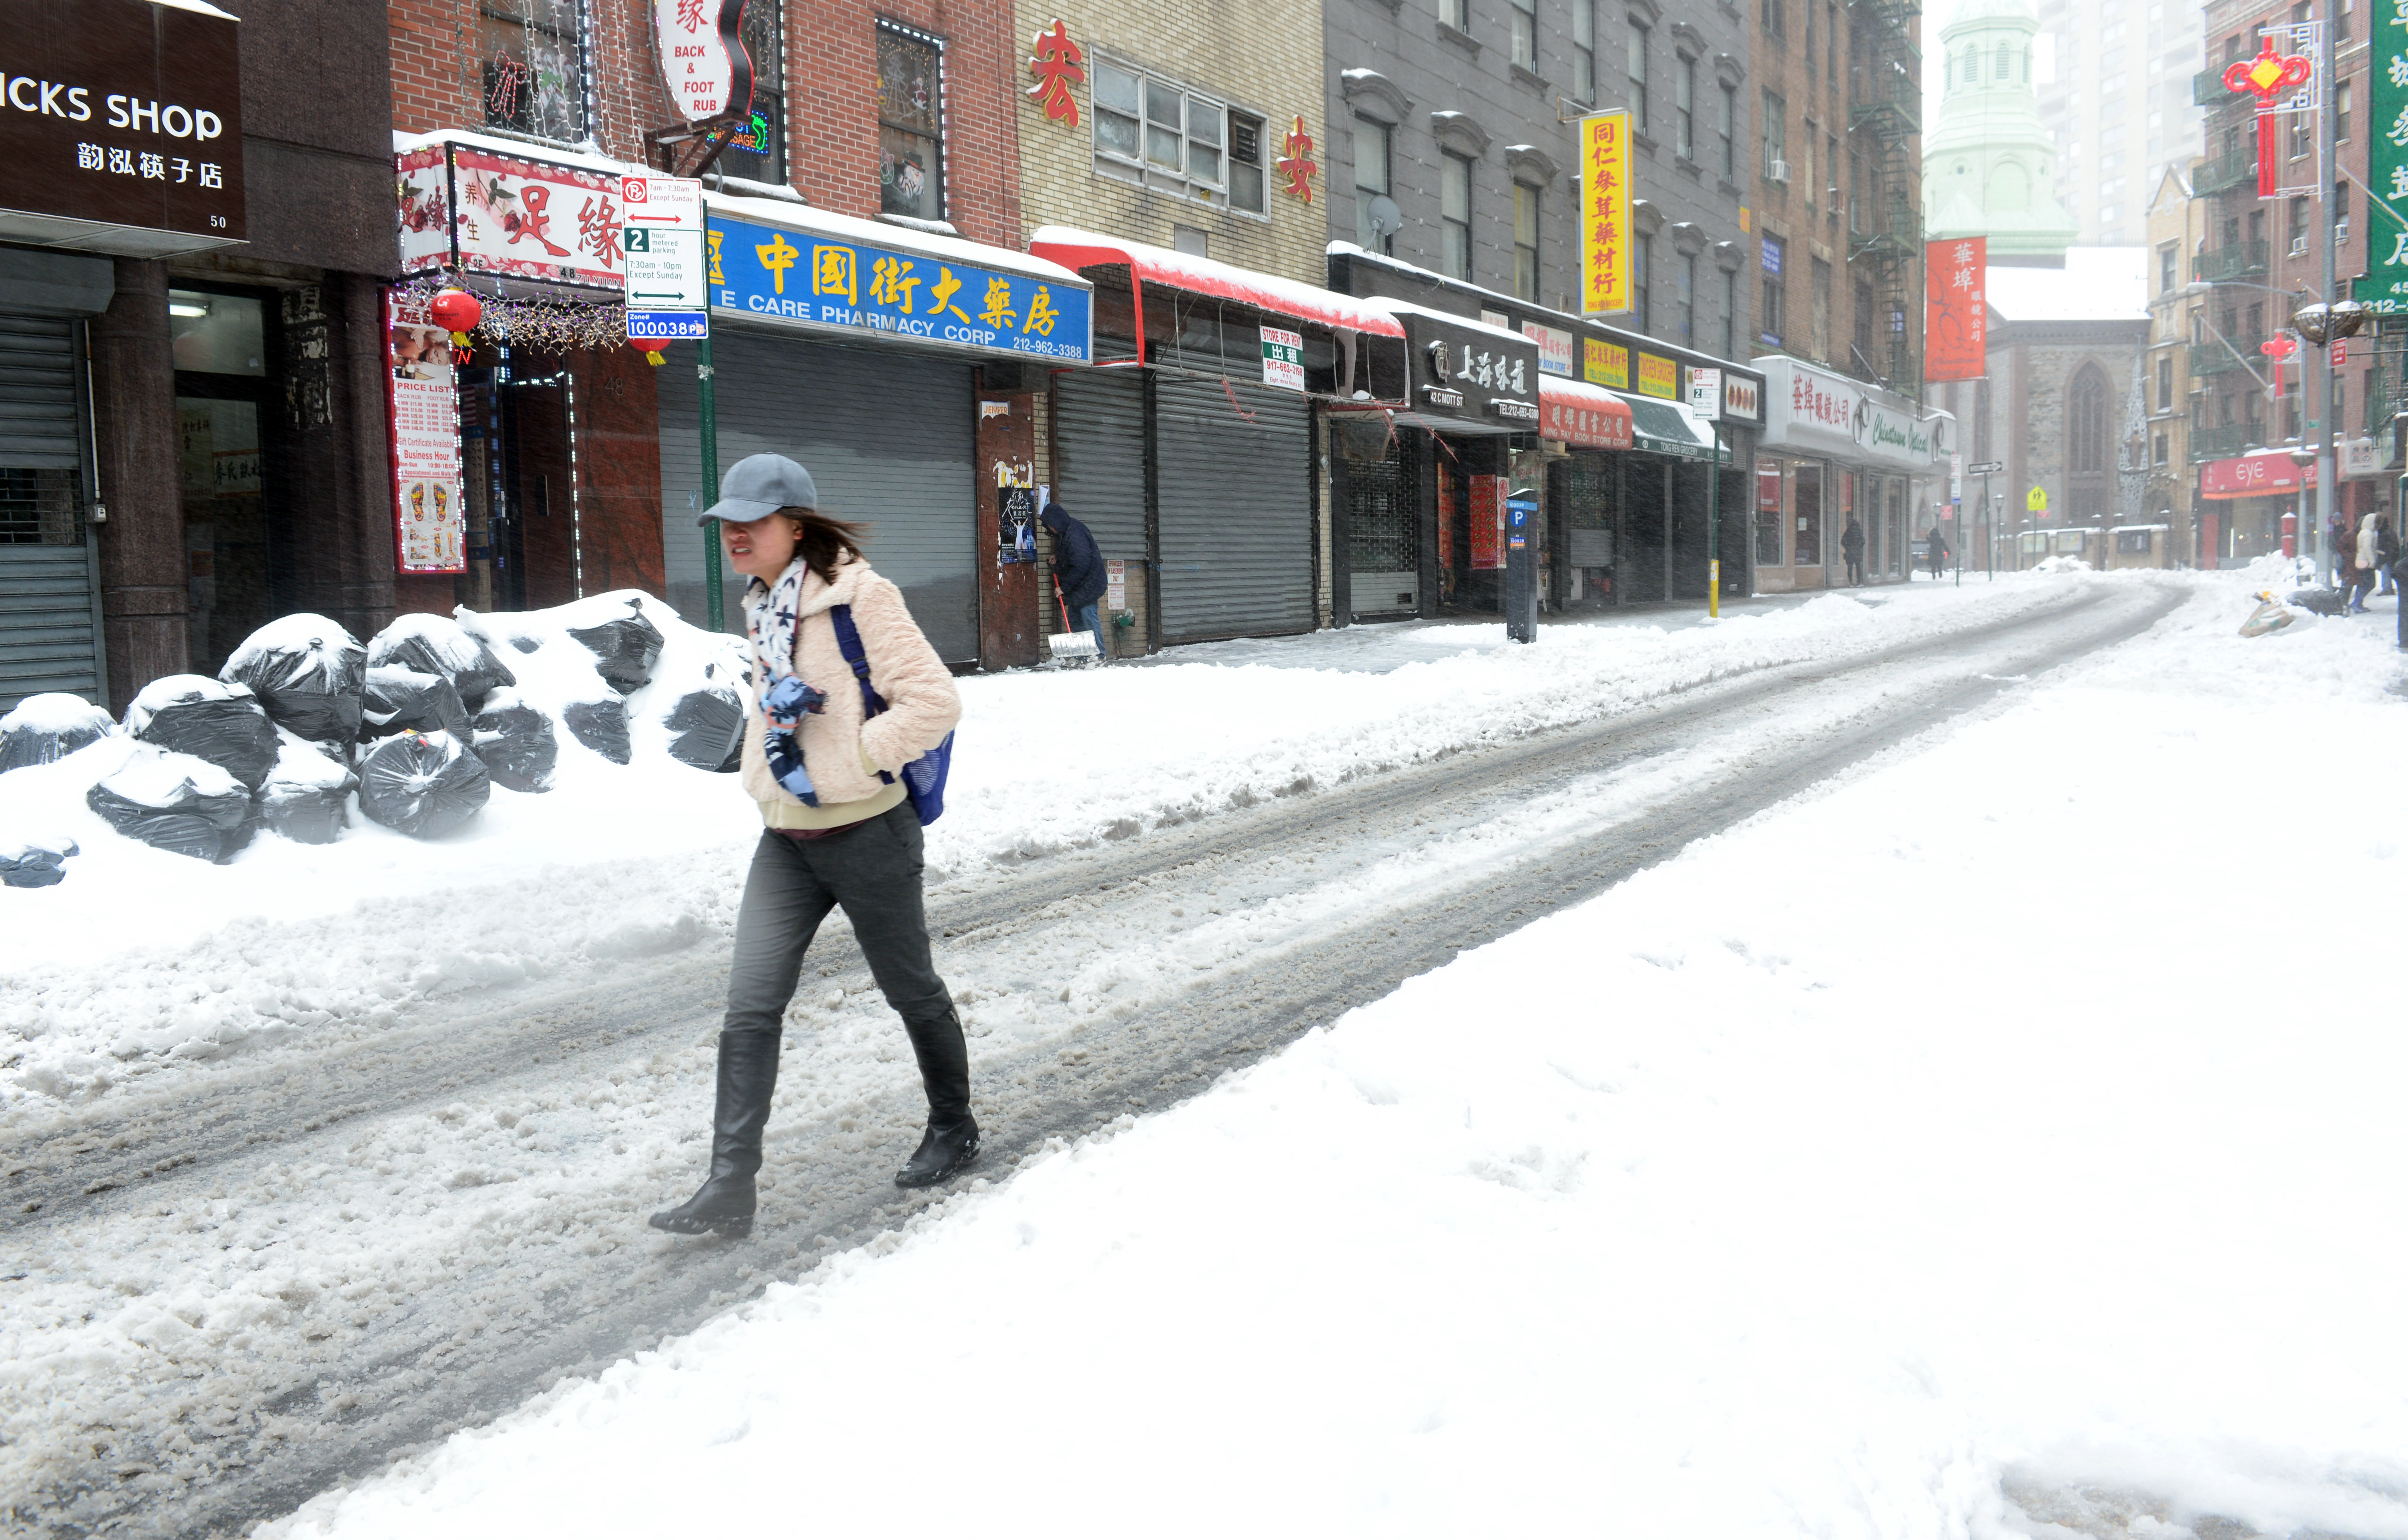 紐約市曼哈頓華埠商店幾乎全都關門,一名女遊客獨自走在空蕩蕩的勿街(Mott St.)當中。(許振輝攝影)